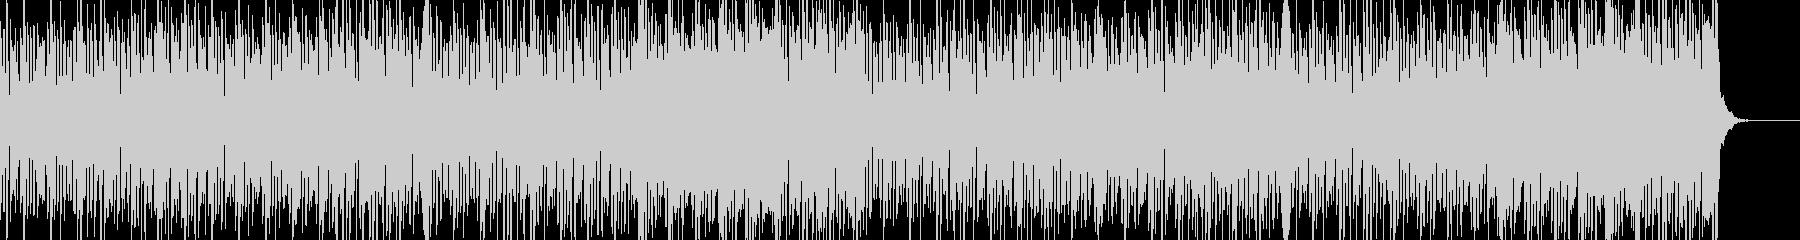 バトル幻想的デジロック高速 60秒/2回の未再生の波形